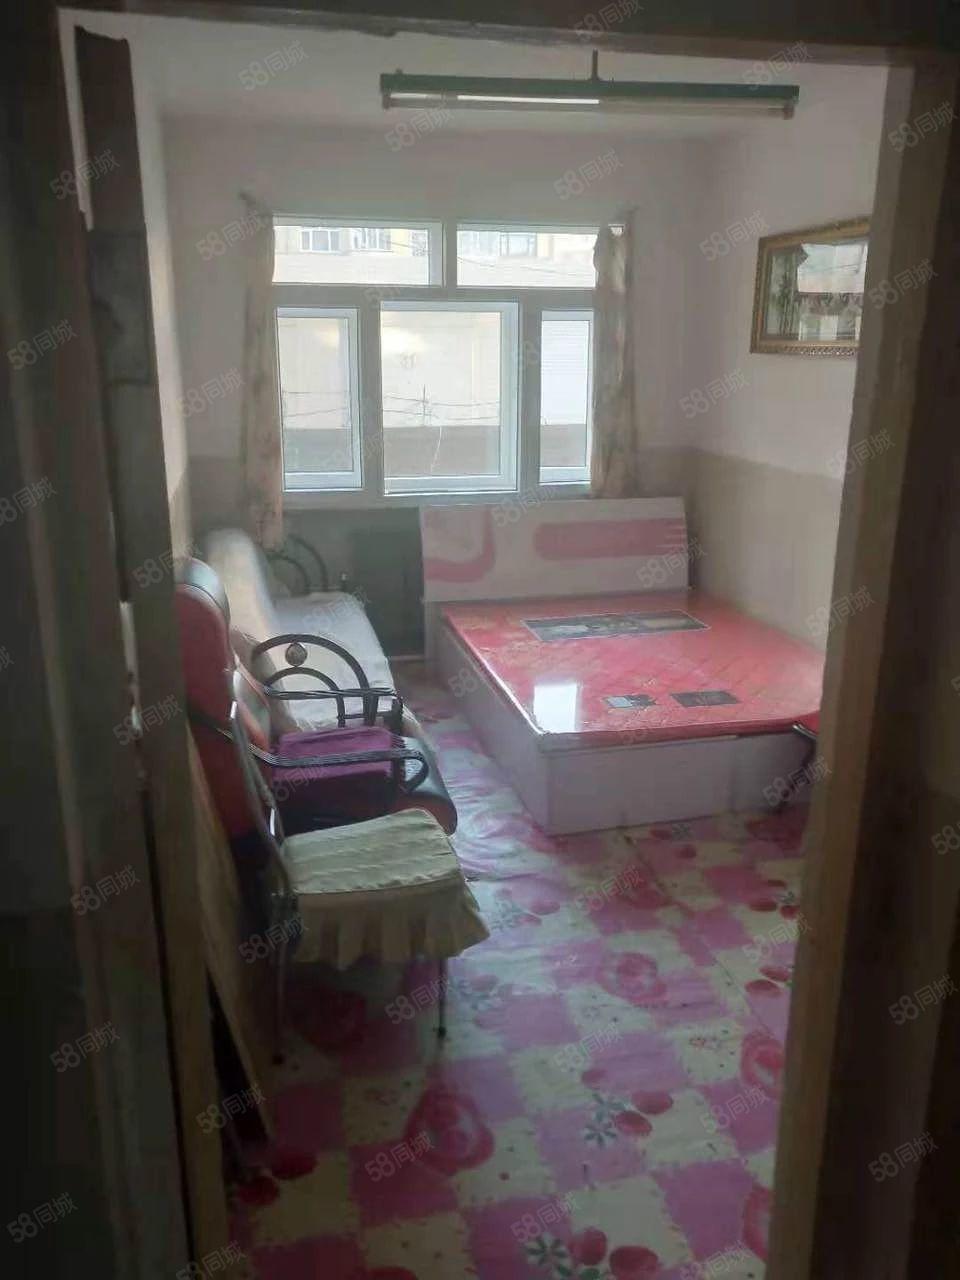 便宜出租8000对环境有要求者勿扰租3室一厅简单装修